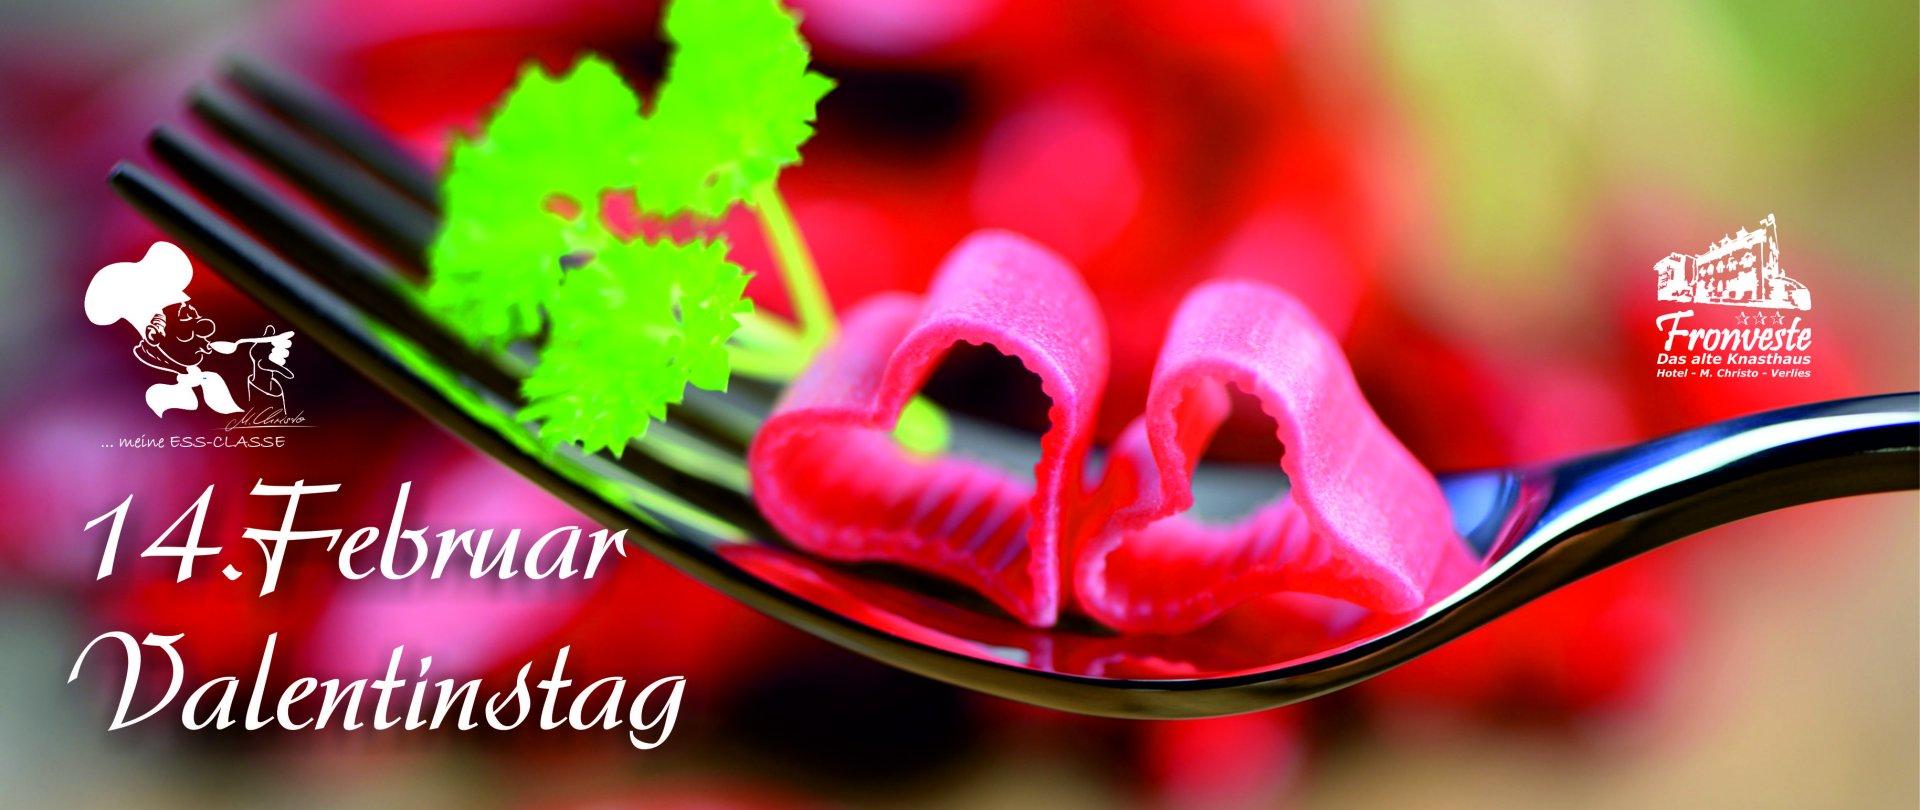 14. Februar ist Valentinstag